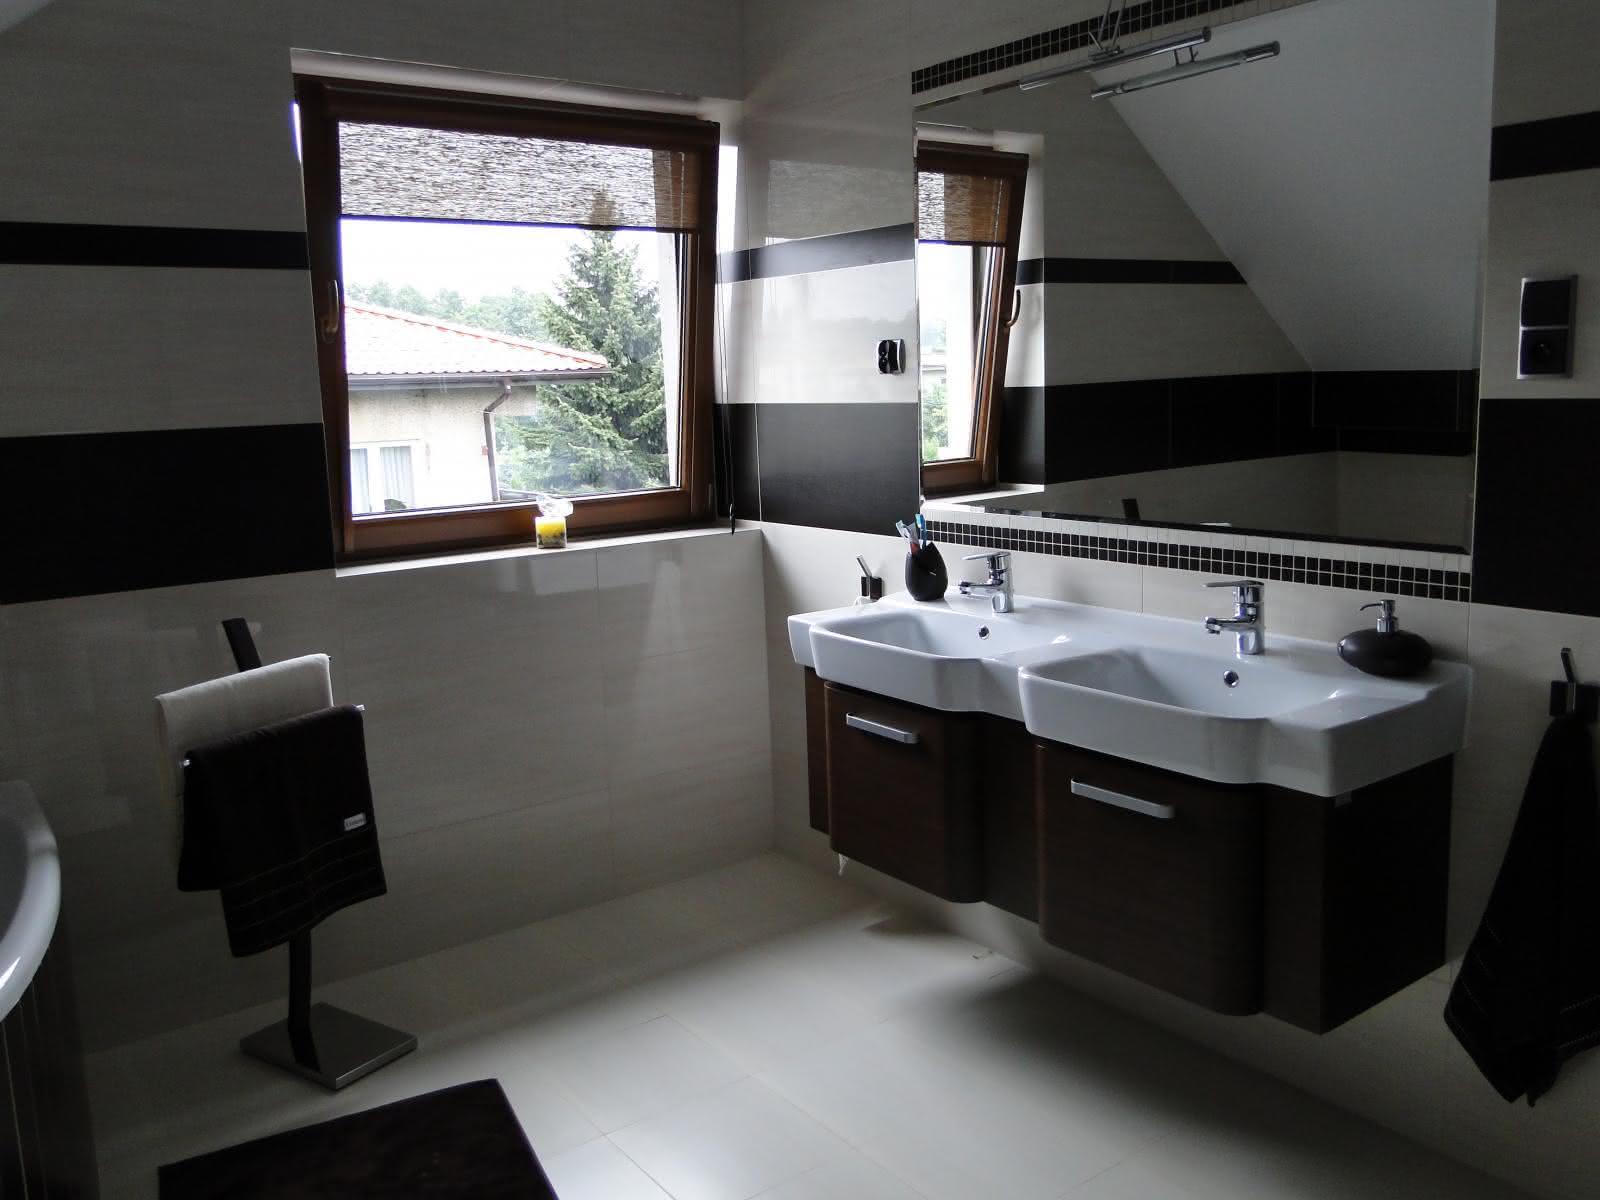 łazienka góra